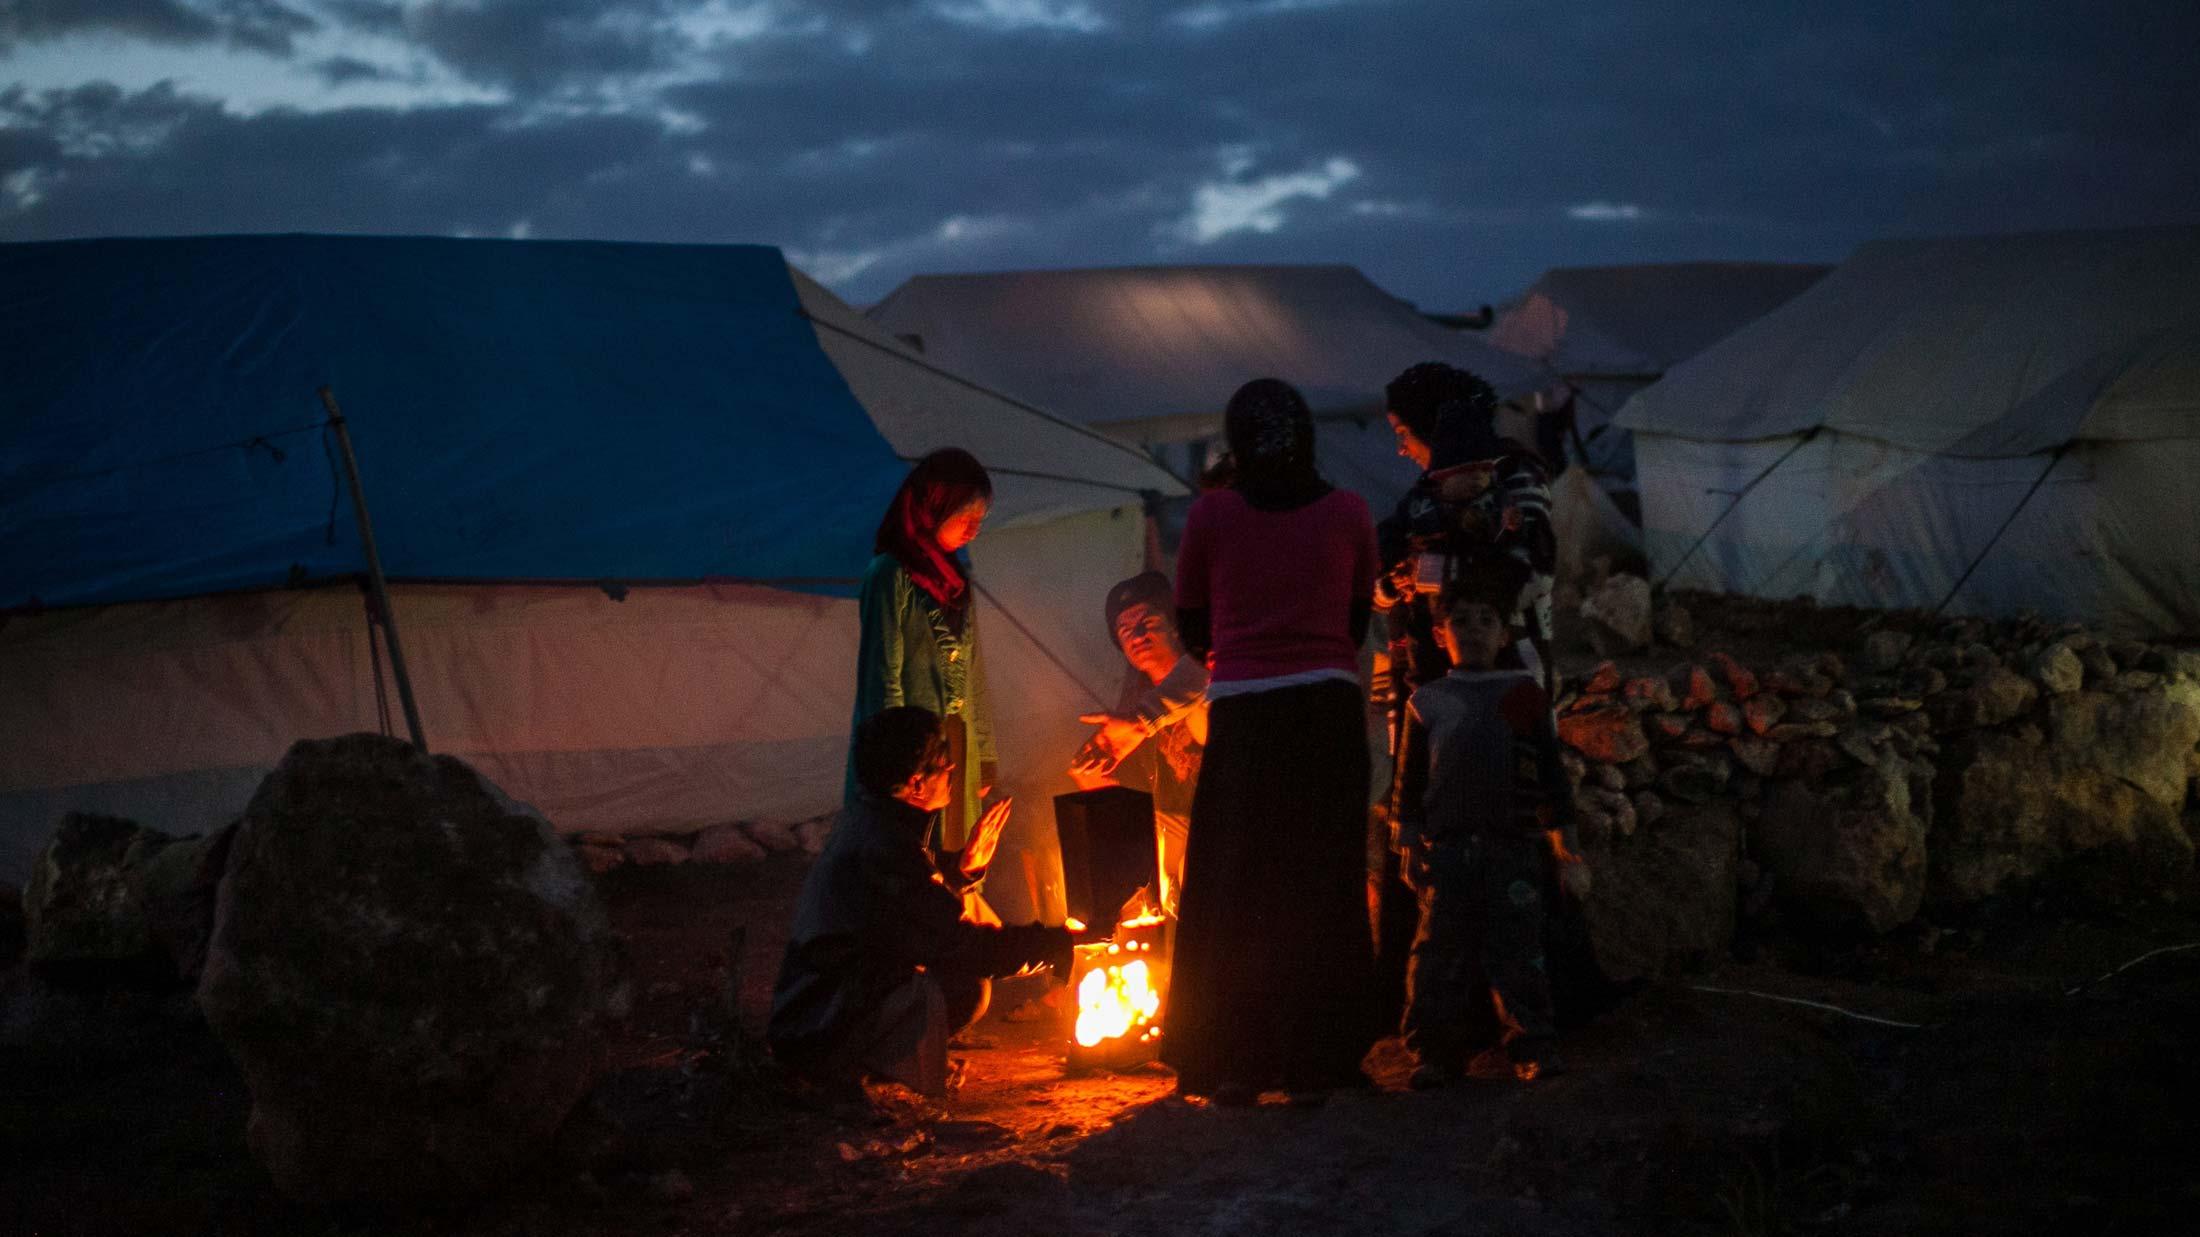 Siria, un país desplazado